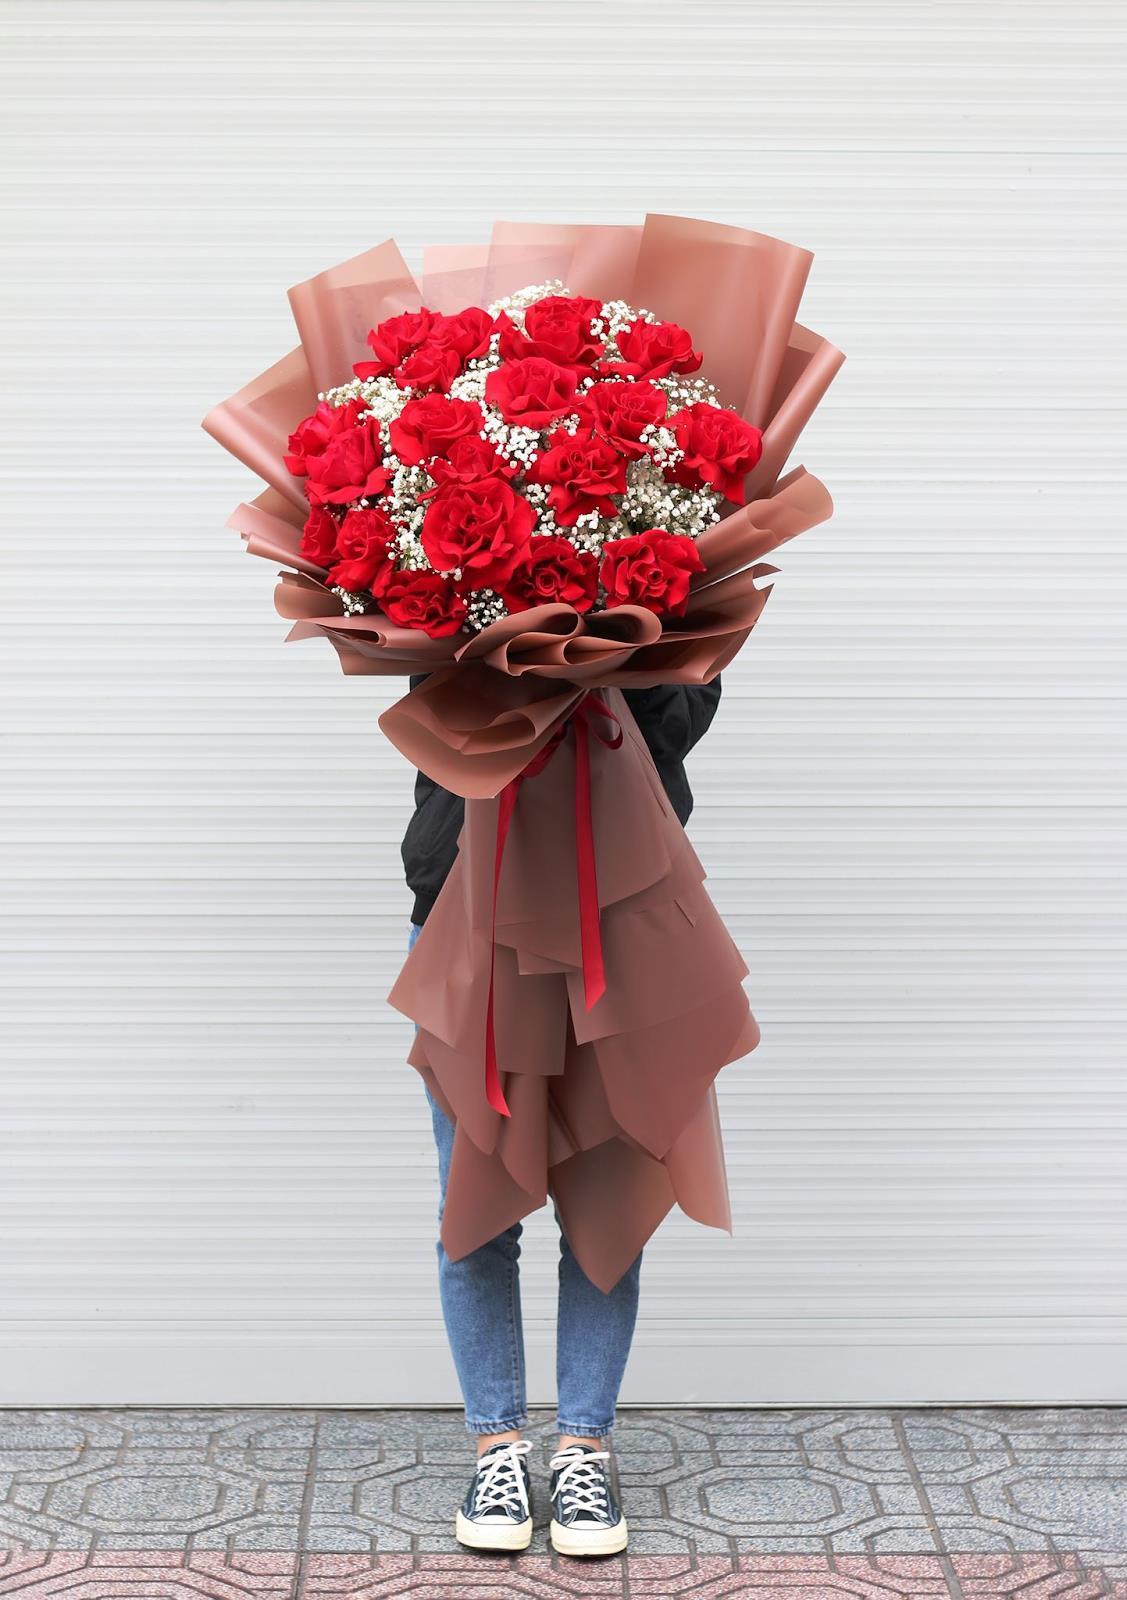 """Hoa Online 24/7: tiết lộ xu hướng hoa """"siêu to khổng lồ dành tặng phái nữ ngày 20/10 - Ảnh 2."""